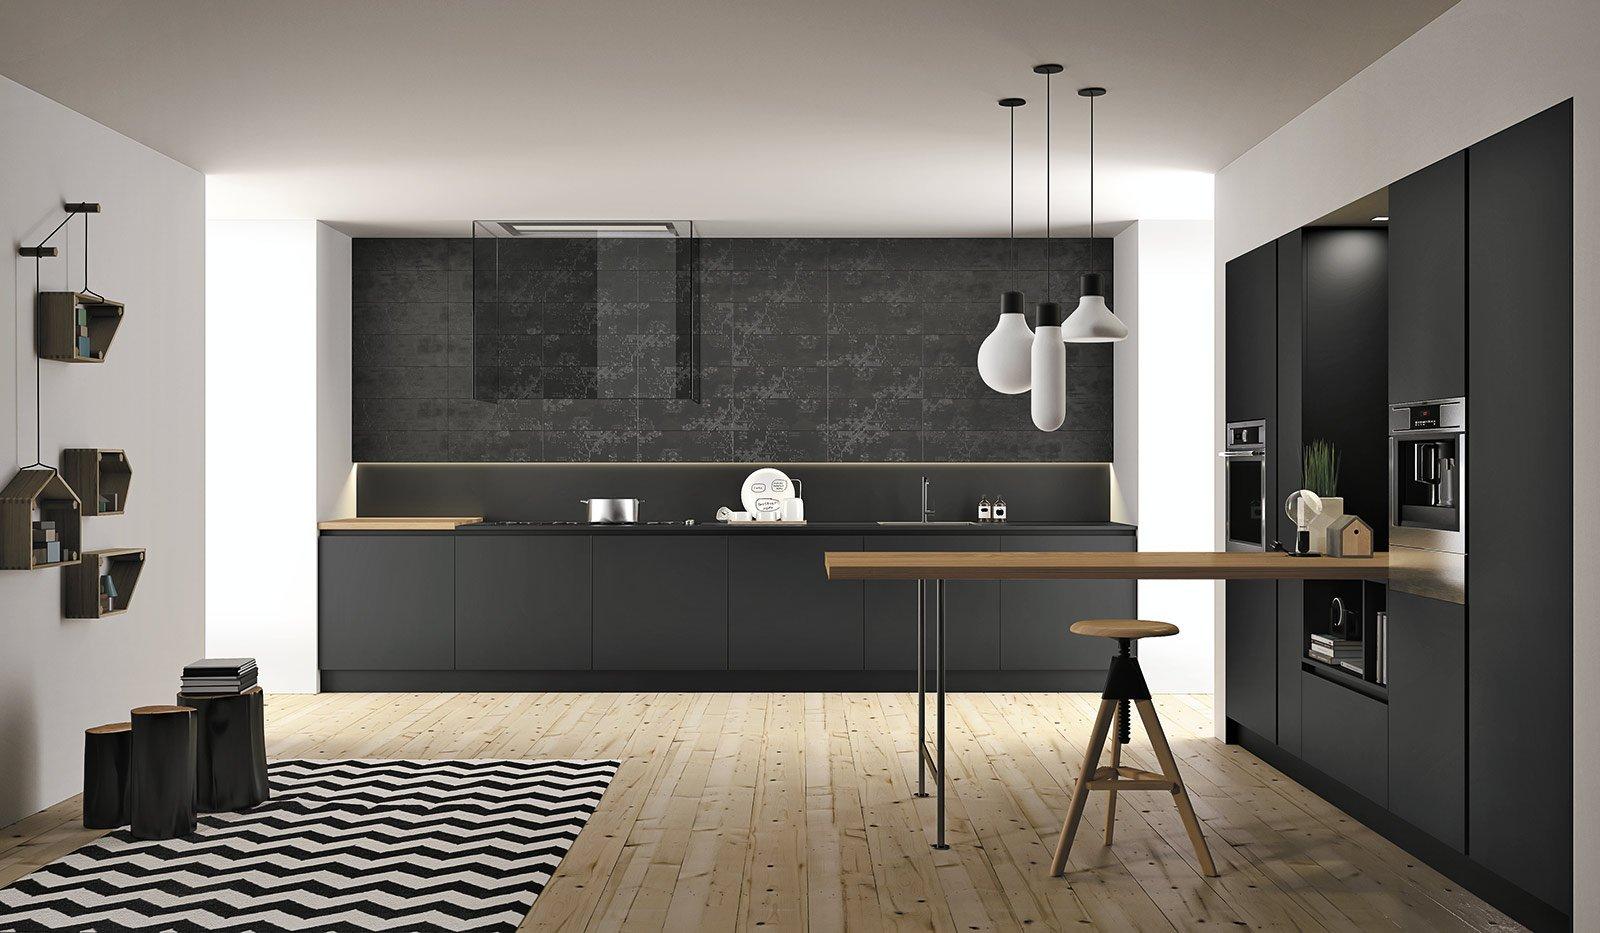 Del Mobile 2014: Mix Di Materiali Per Le Nuove Cucine Cose Di Casa #76644B 1600 933 Immagini Di Cucine Moderne Piccole